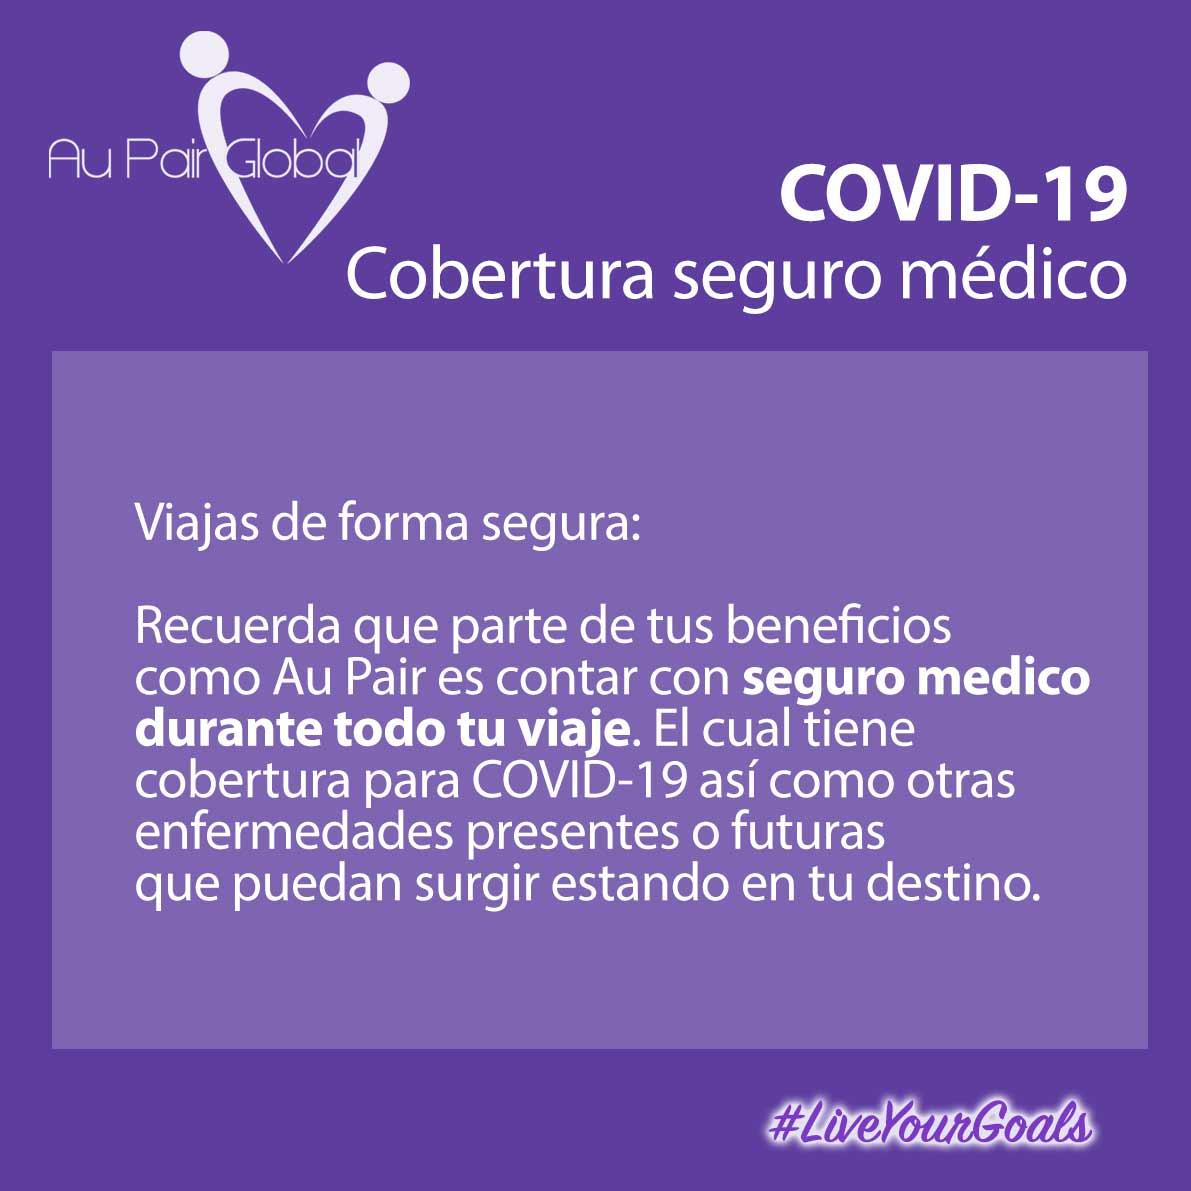 Seguro-medico-COVID19